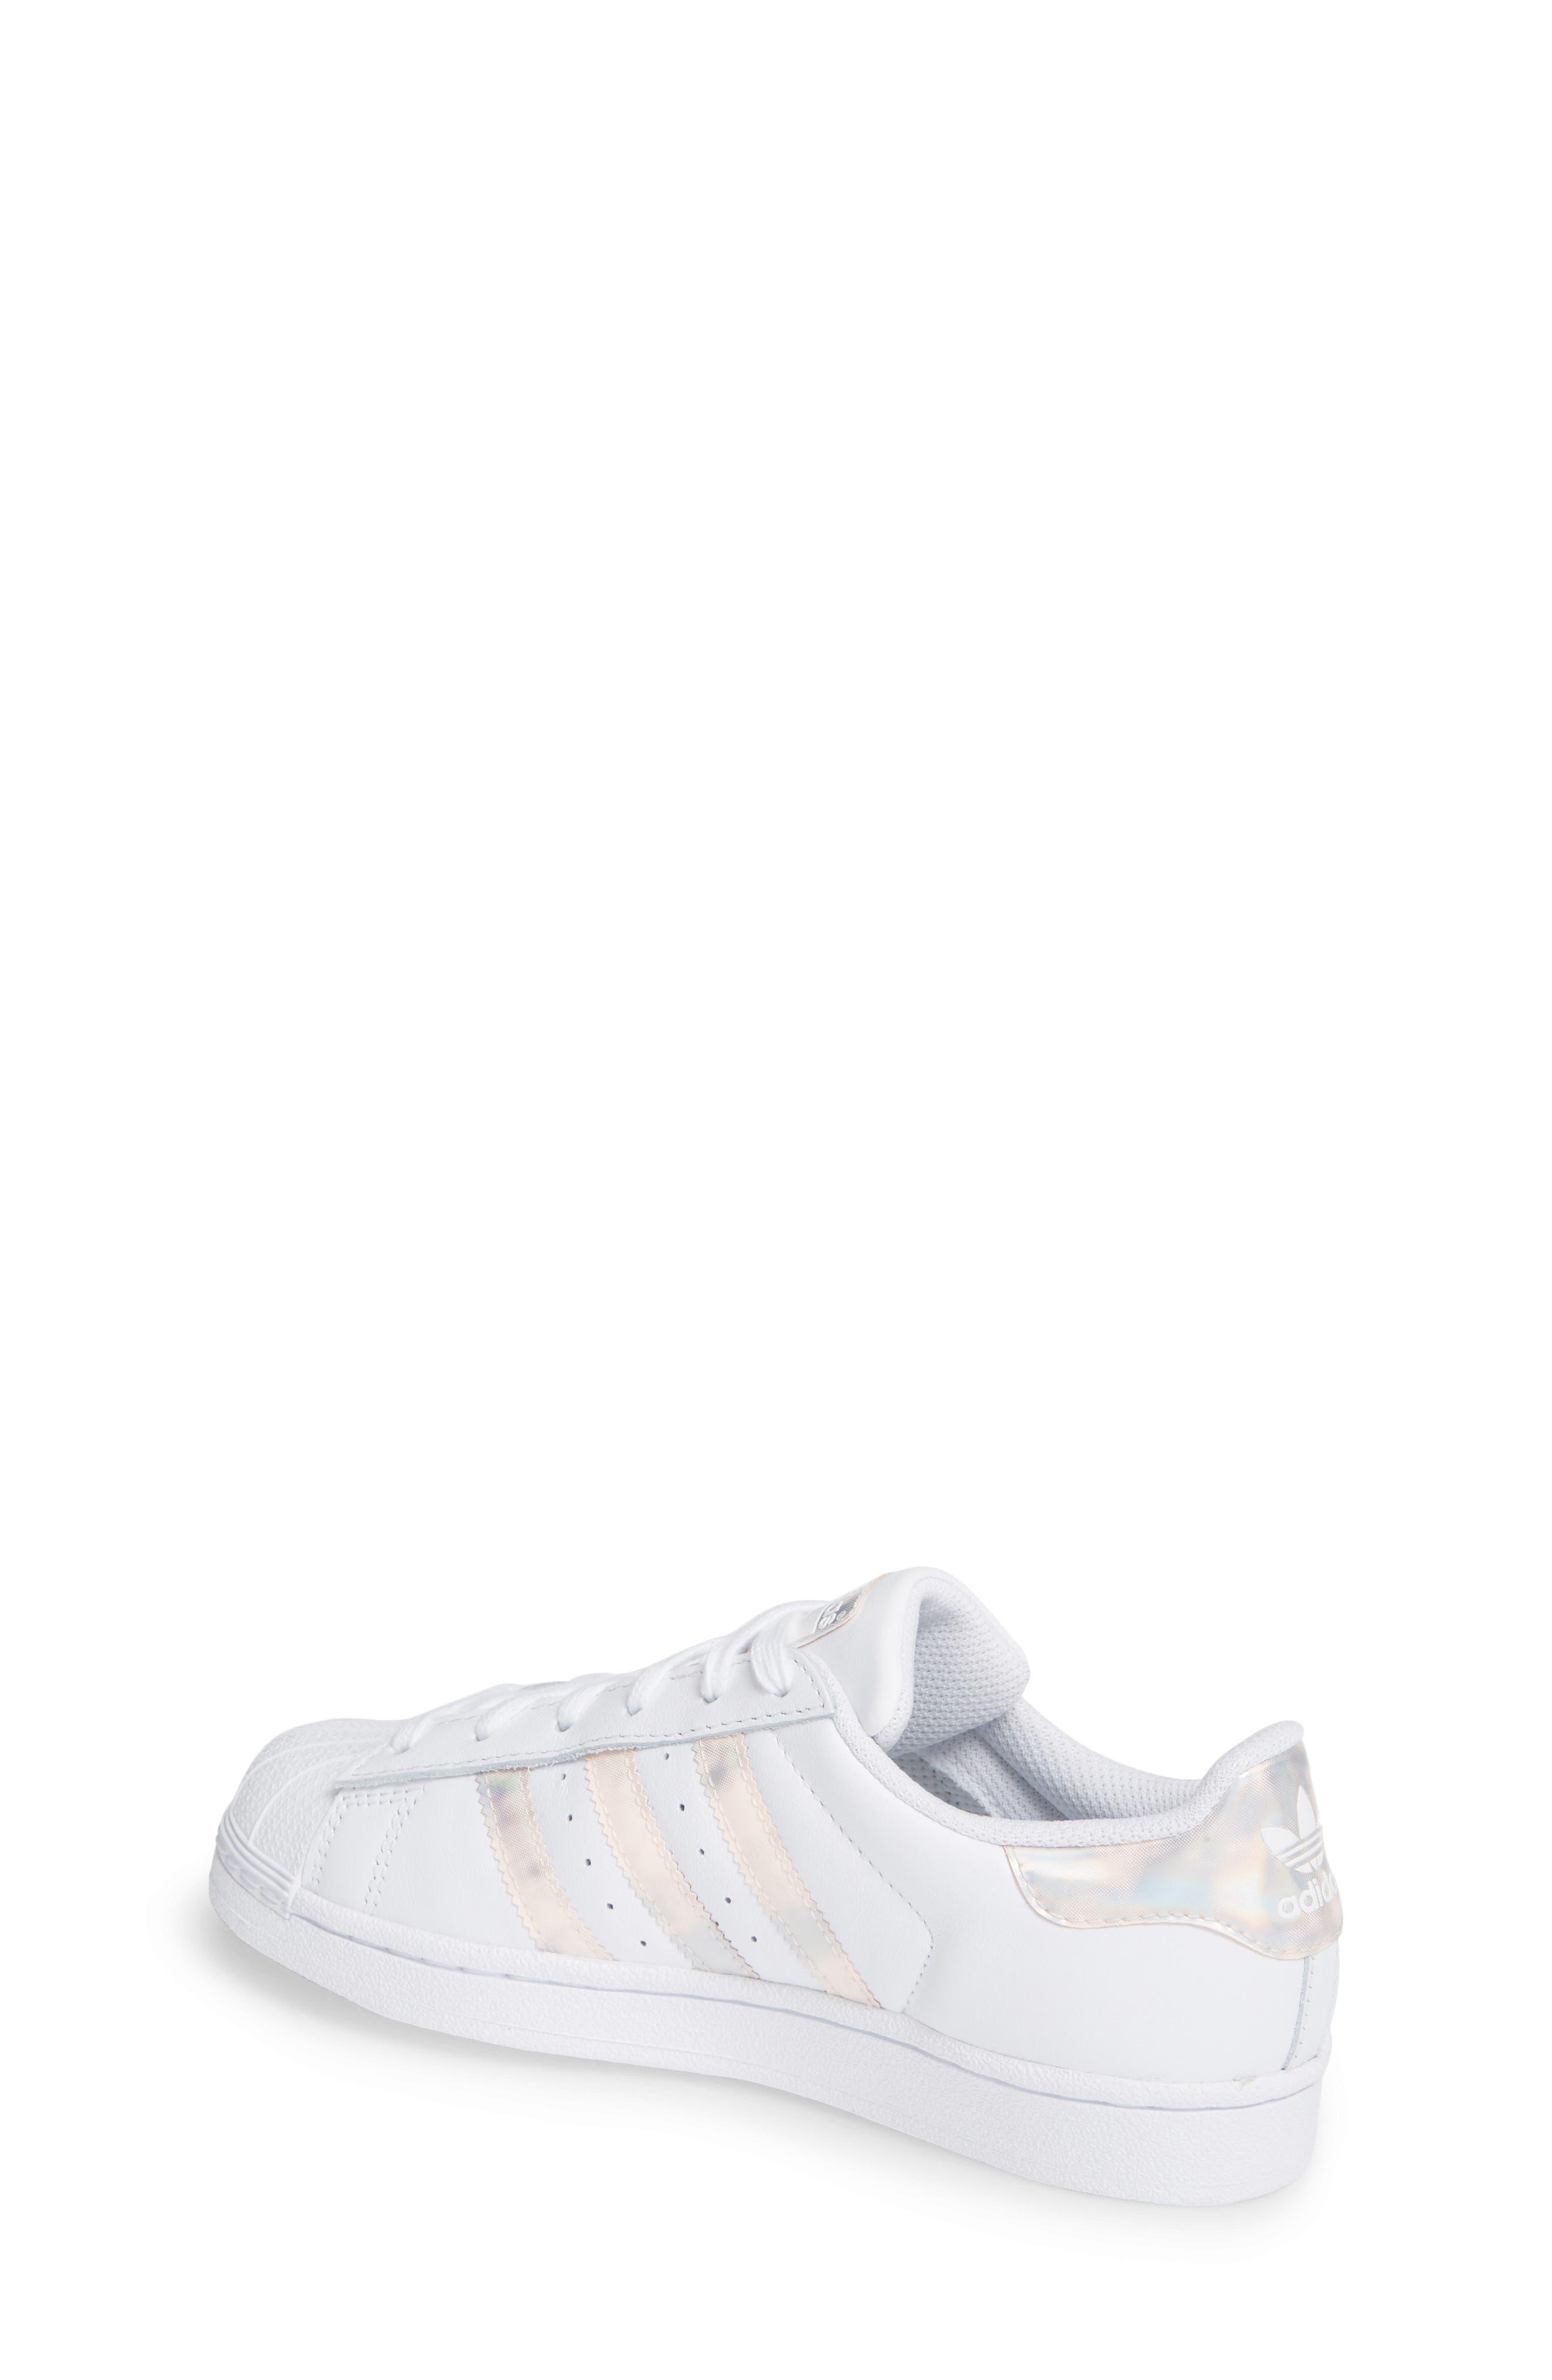 'Superstar II' Sneaker,                             Alternate thumbnail 2, color,                             FTWR WHITE